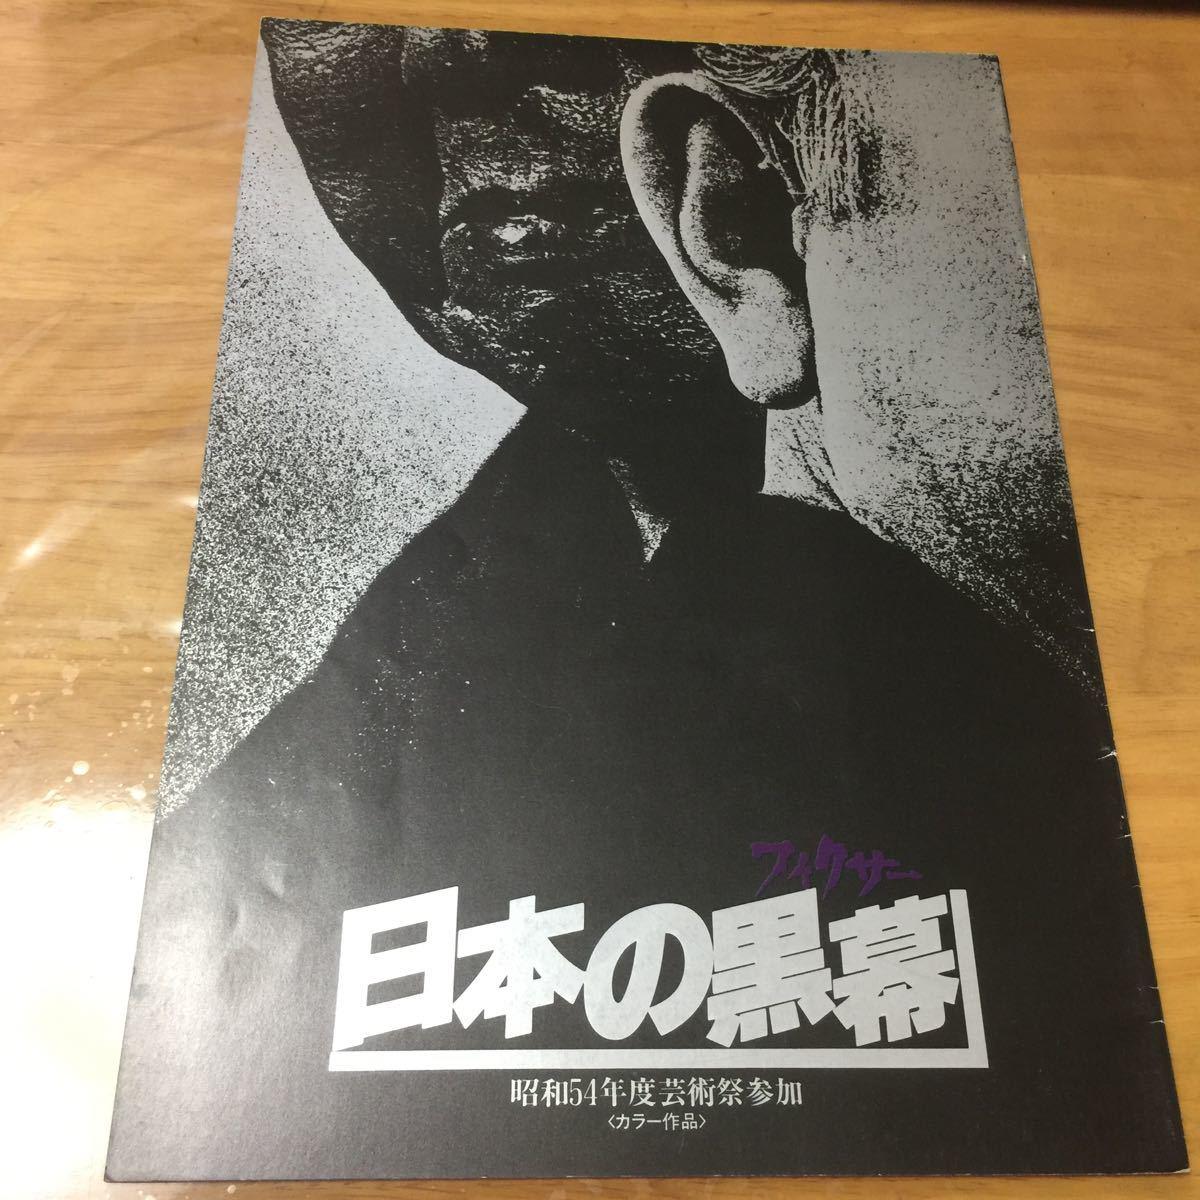 日本の黒幕 (田村正和主演)